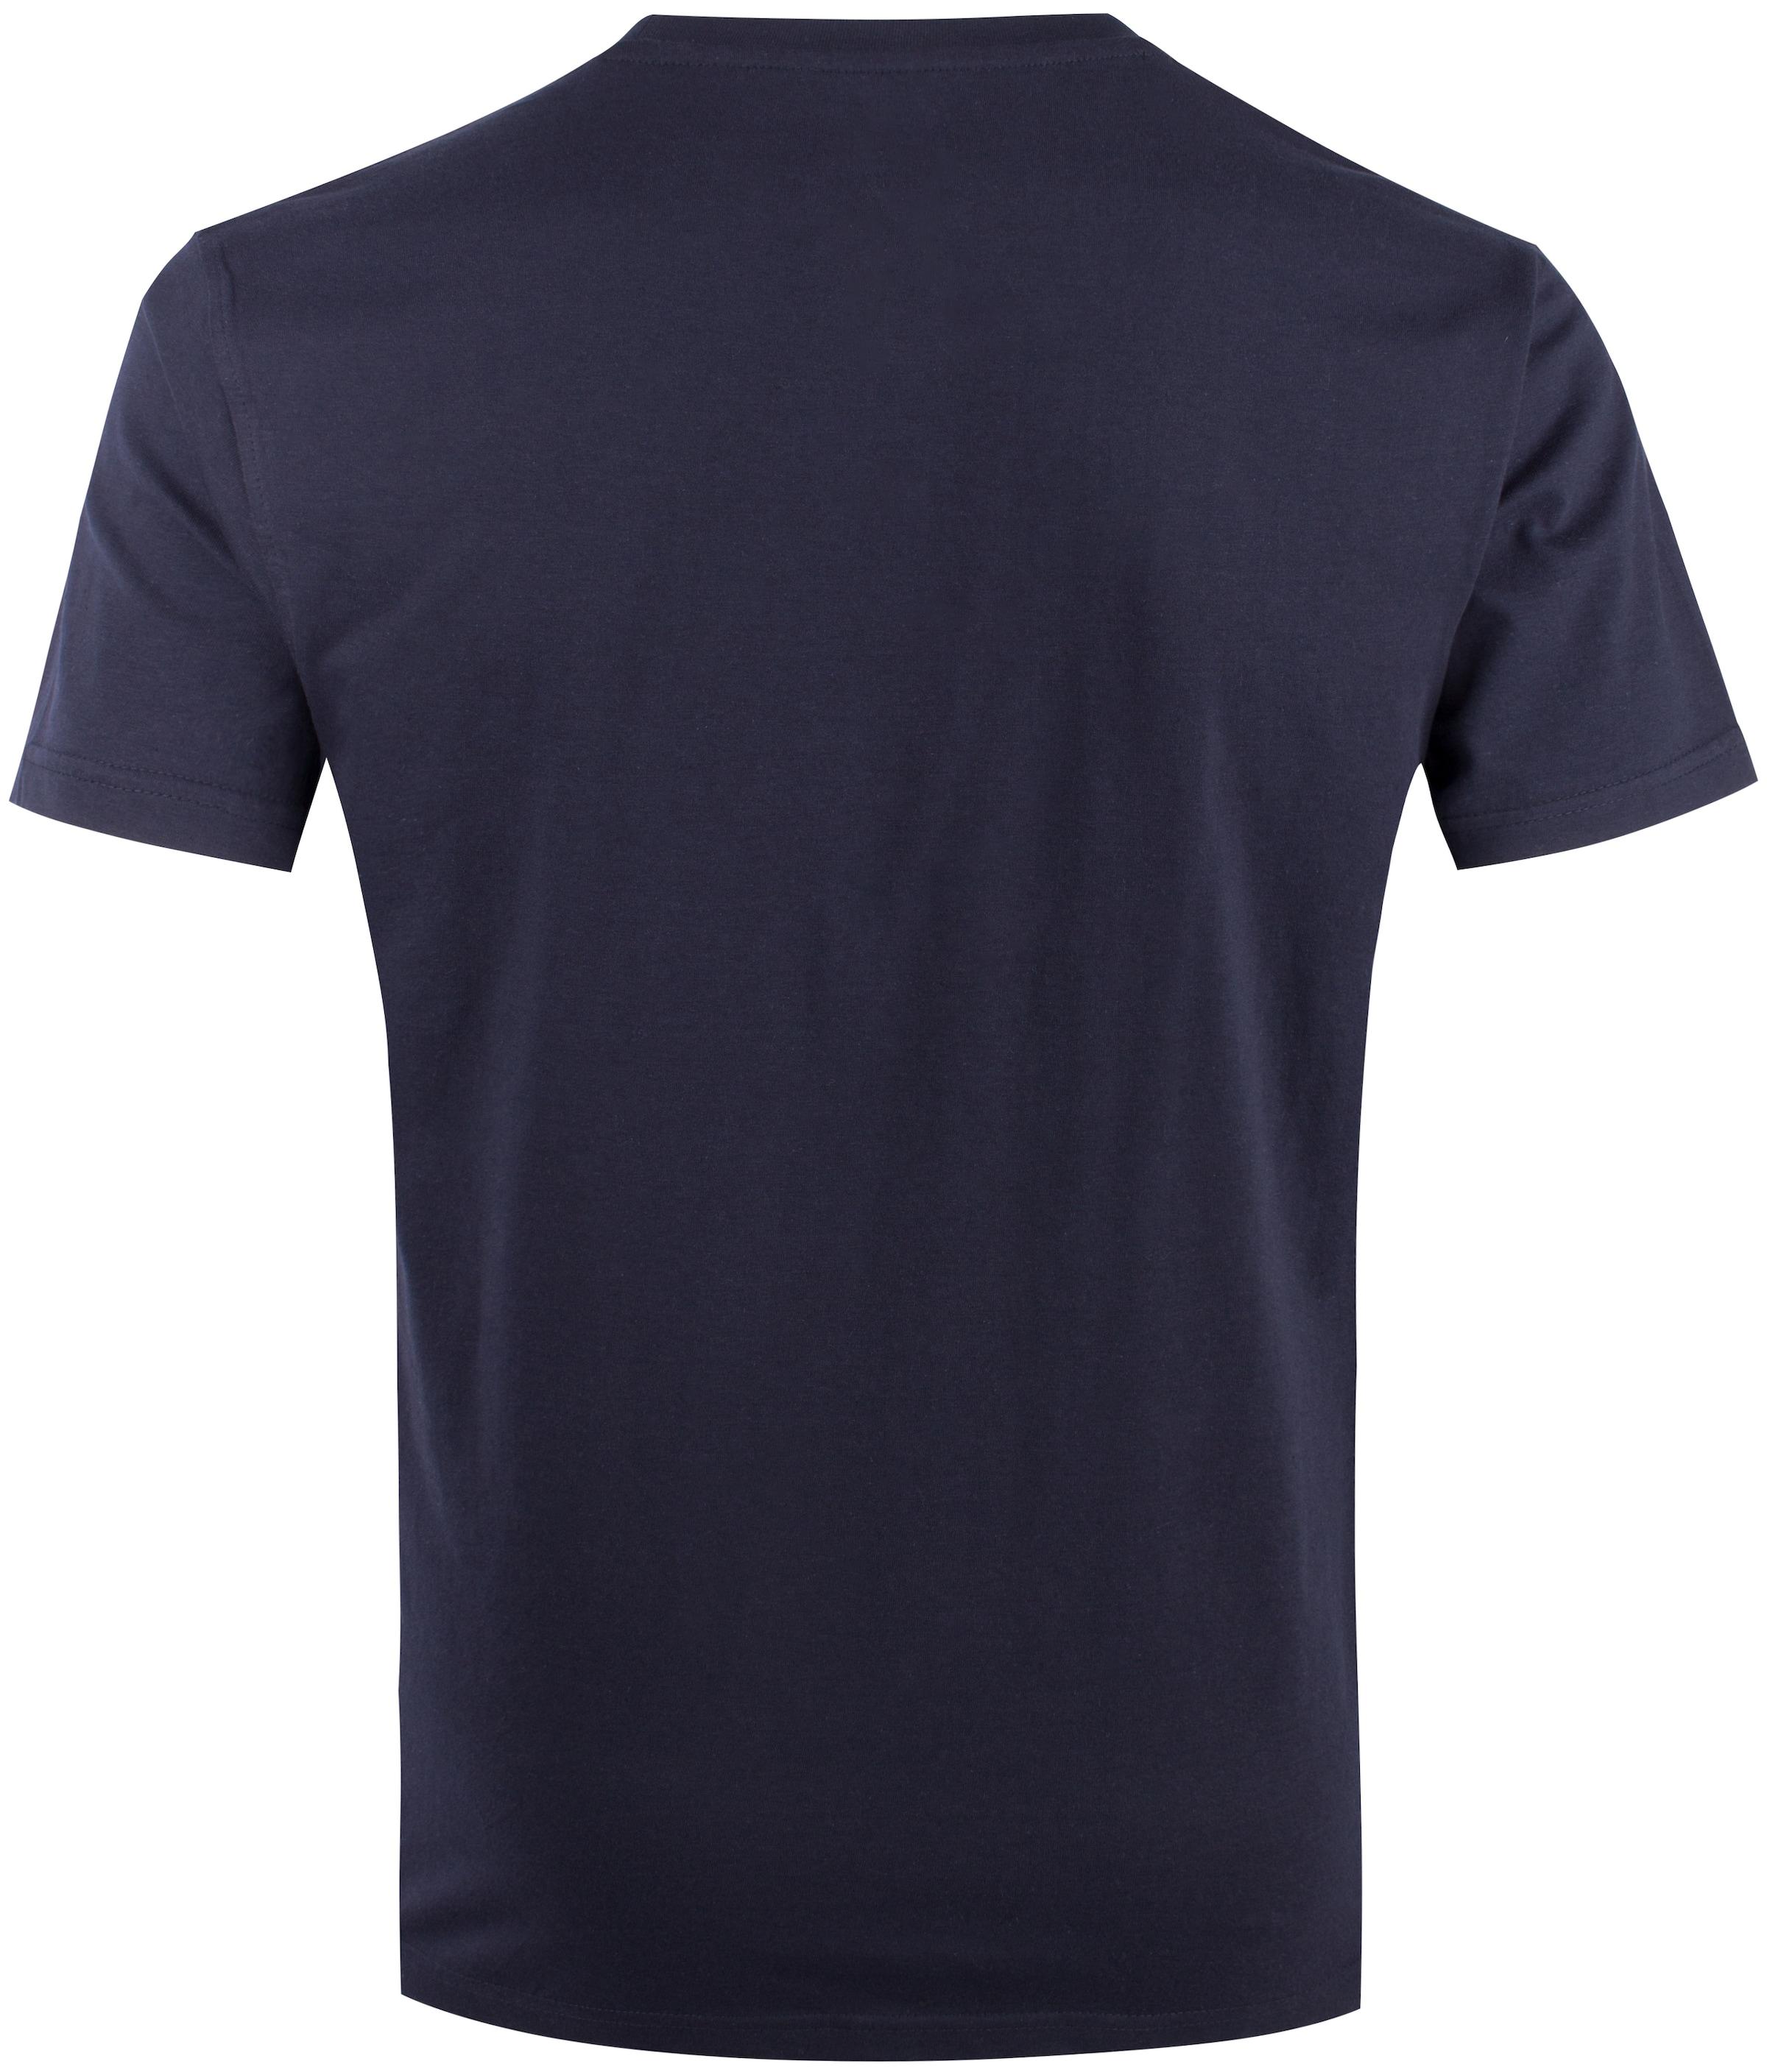 Spielraum 2018 Unisex Verkauf Kauf SOULSTAR T-Shirt Freiraum 100% Authentisch Zum Verkauf Günstig Online qx62F1kR